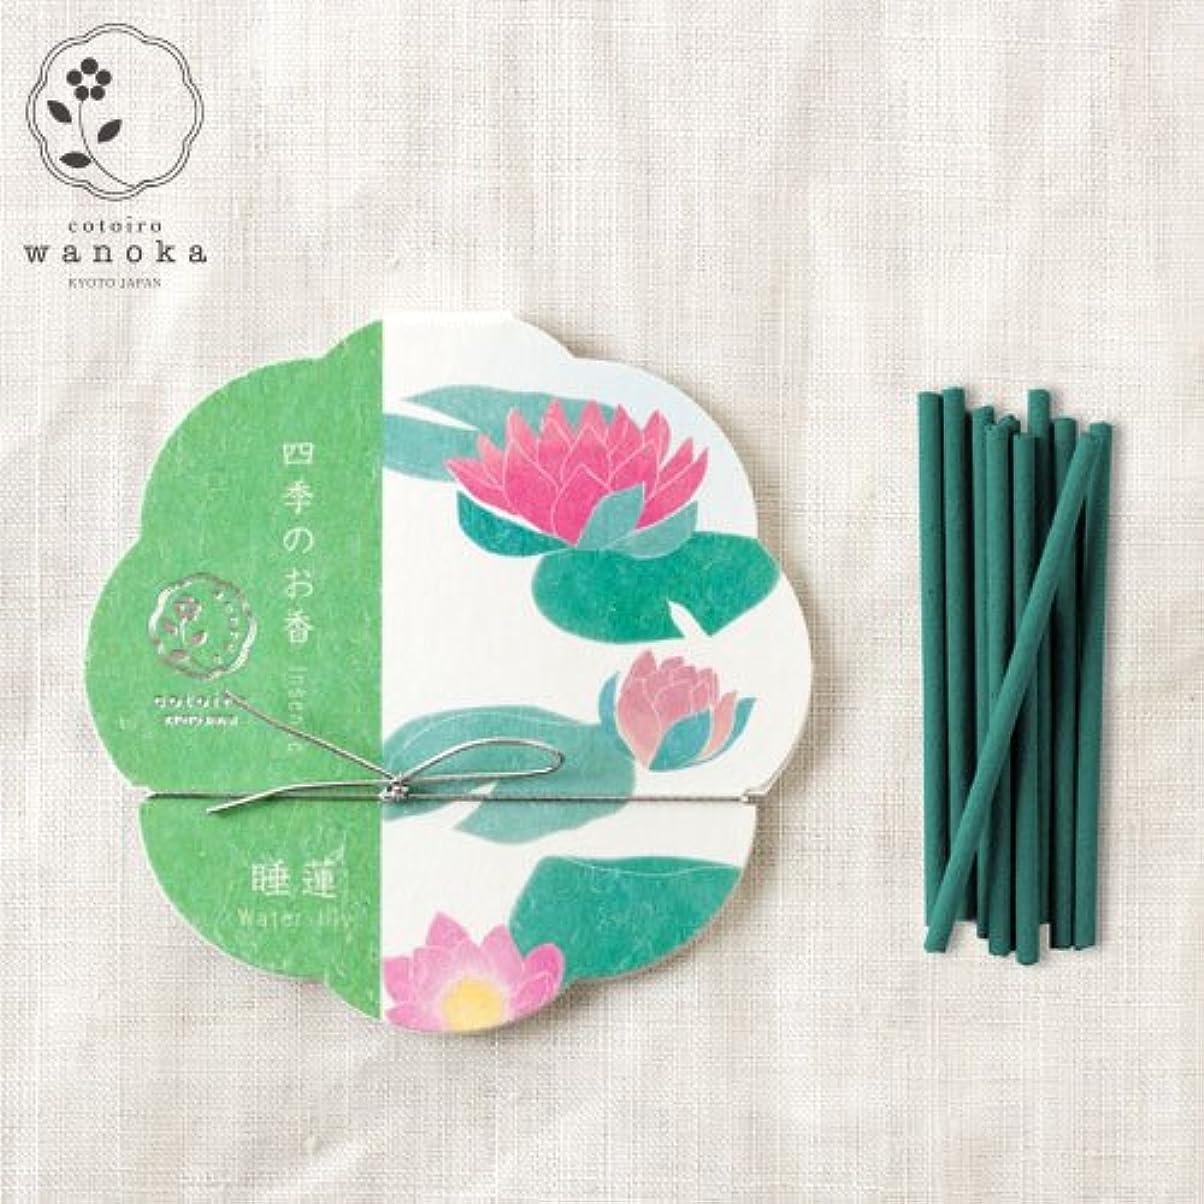 気になる歪めるどこにもwanoka四季のお香(インセンス)睡蓮《睡蓮をイメージした清楚な香り》ART LABIncense stick